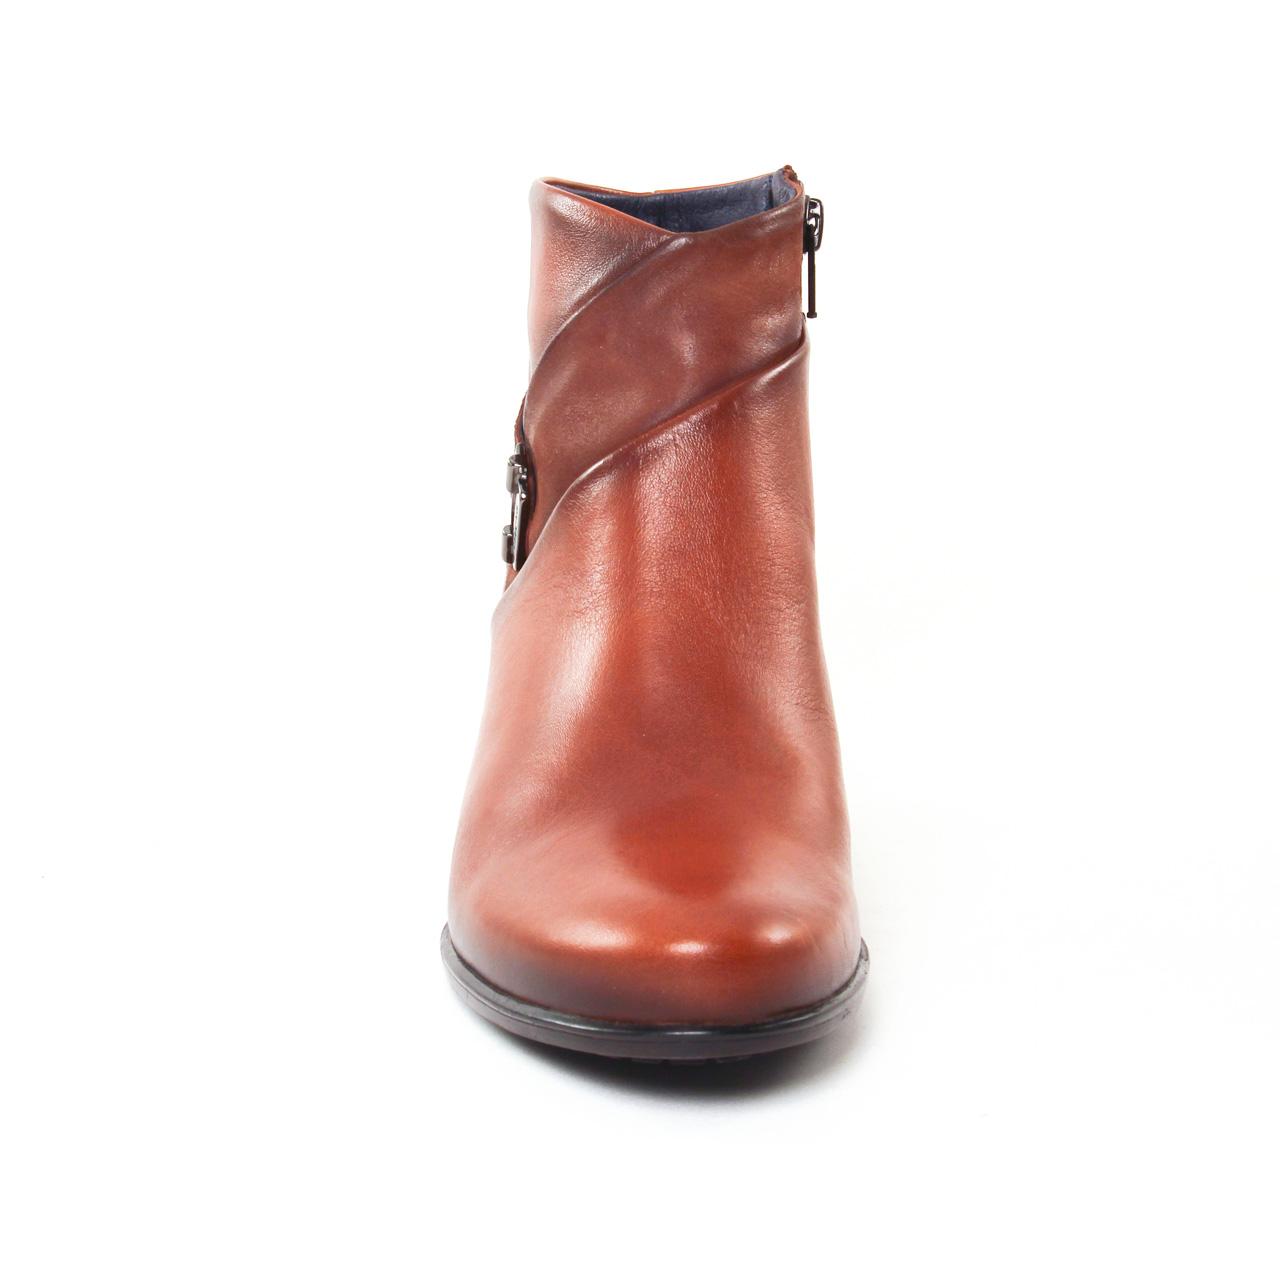 dorking brisda 7261 cuero | boot talon marron automne hiver 2017